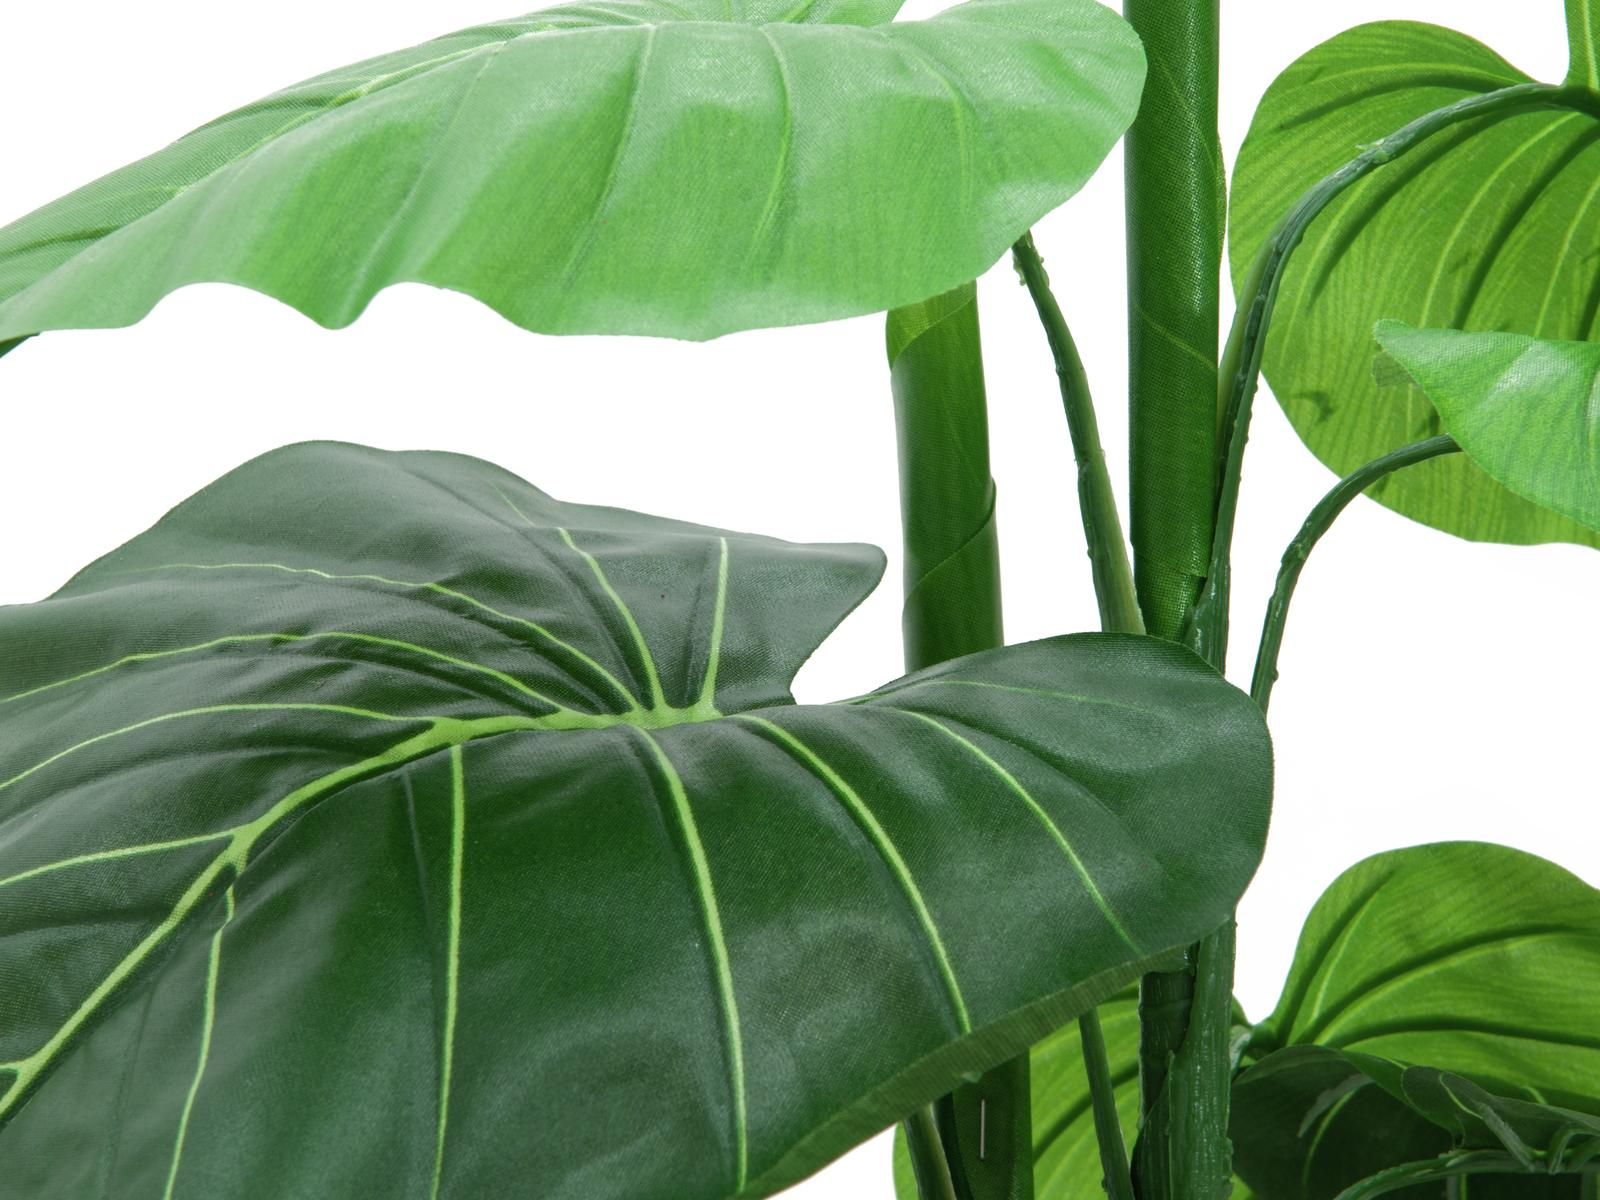 EUROPALMS Caladium pianta, 90cm